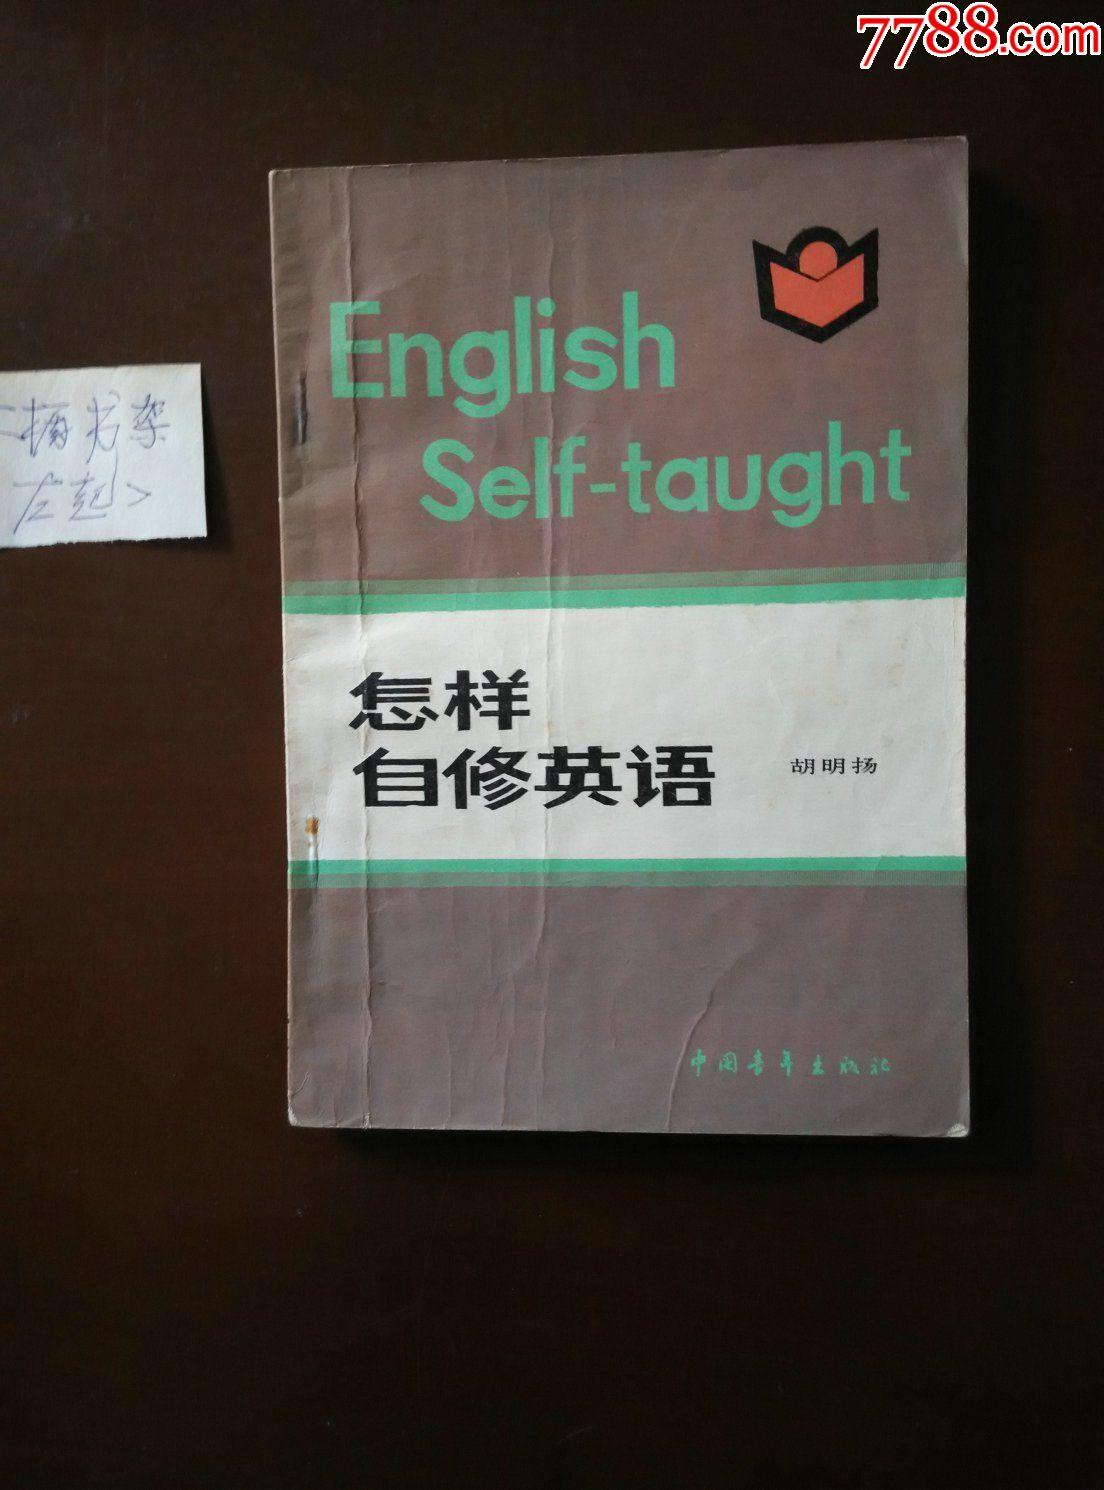 怎样自修英语(au21789606)_